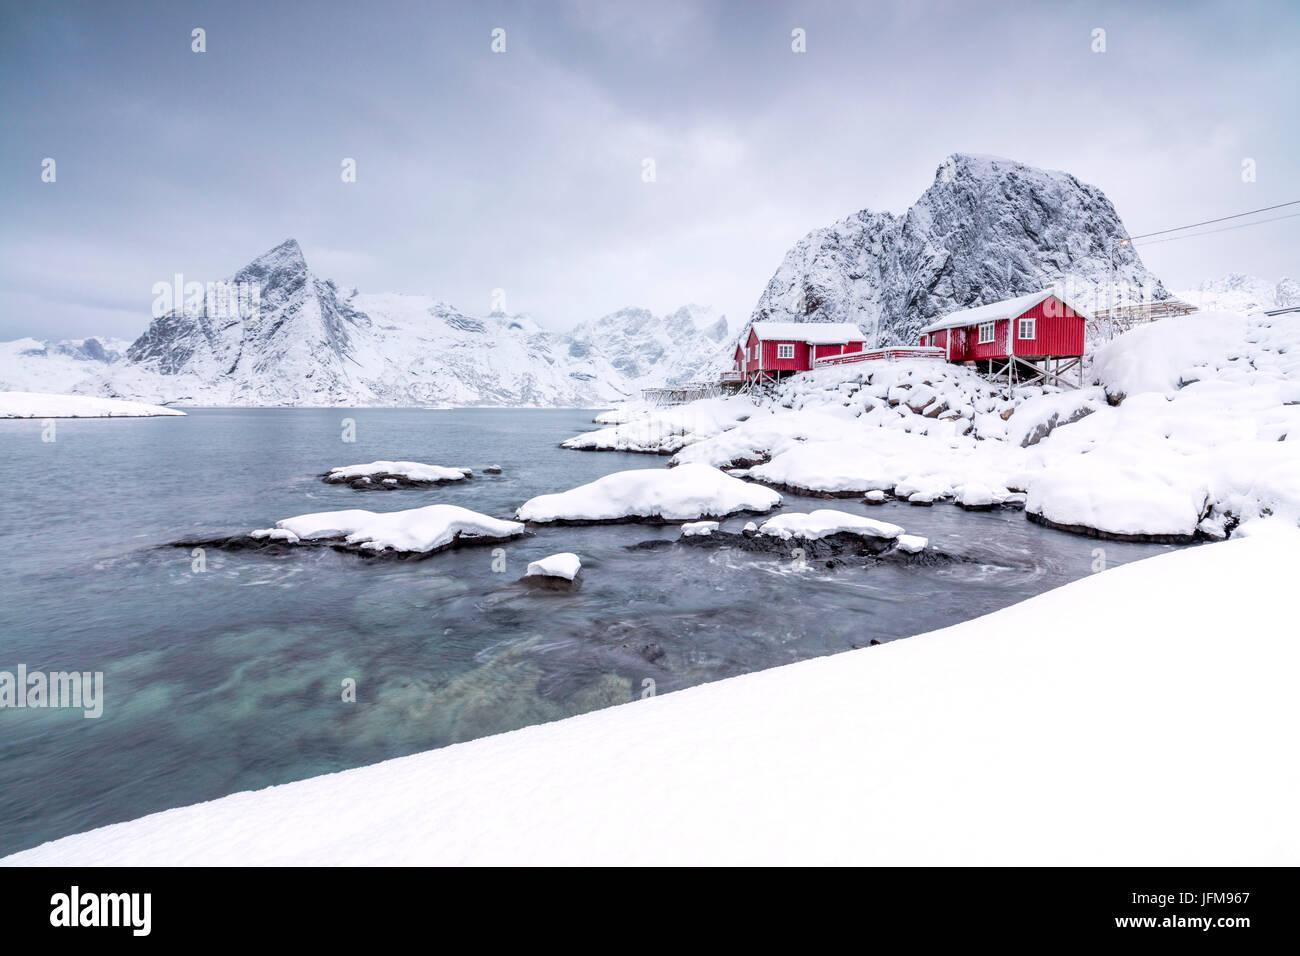 Die schneebedeckten Gipfel und gefrorene Meer umrahmen die typischen Fischer-Häuser genannt Rorbu Hamnøy Stockbild